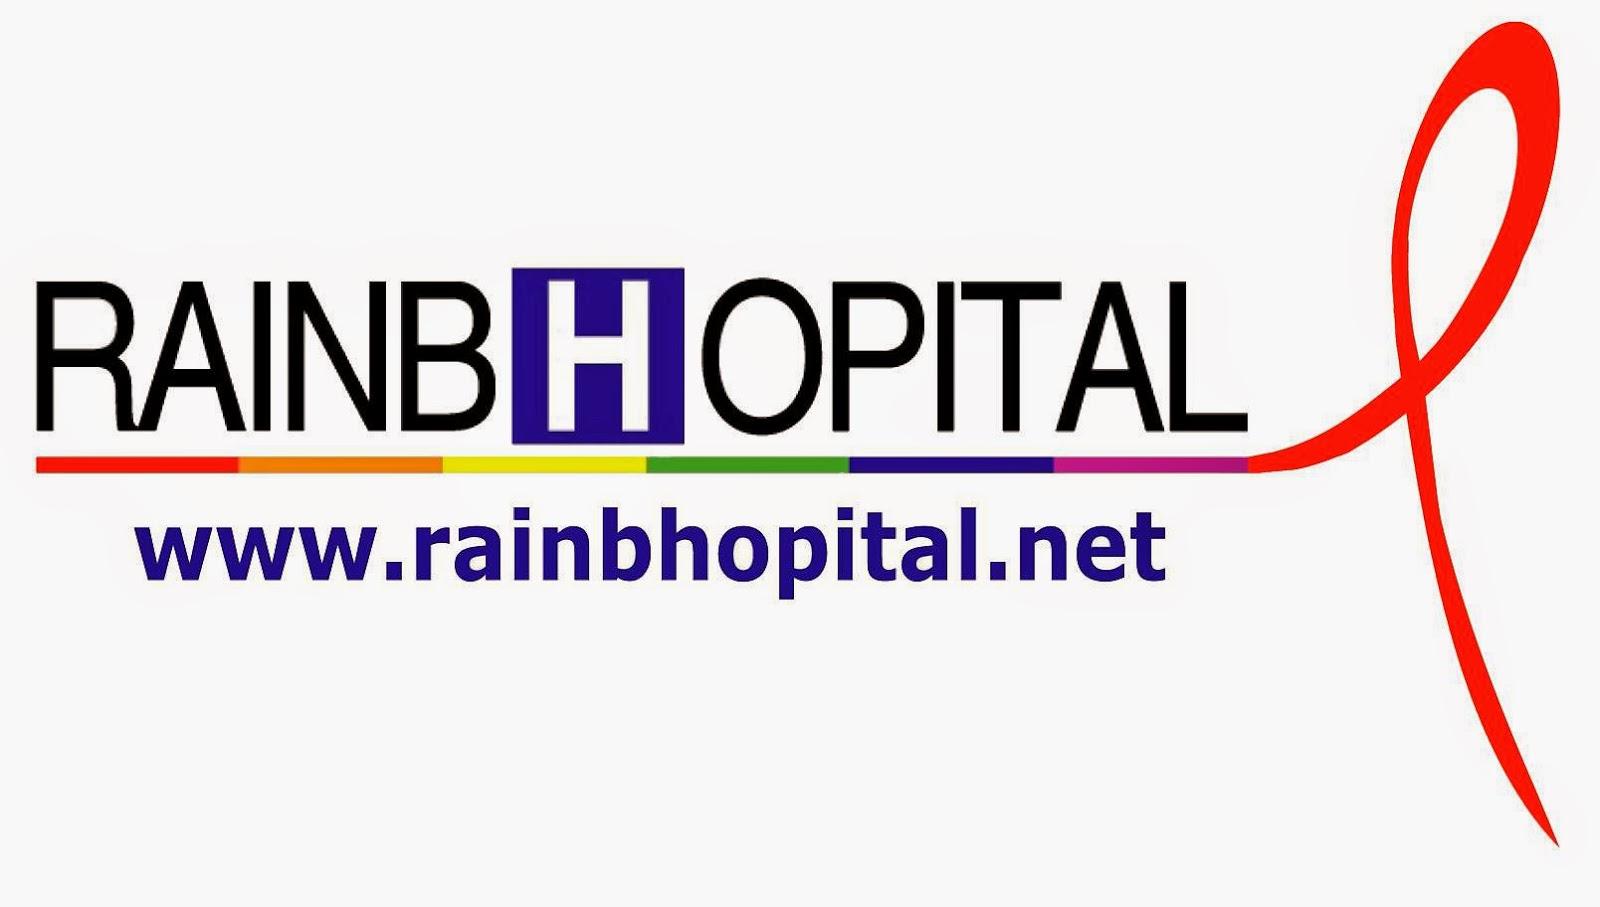 Association des personnels et usagers lesbiennes, gays, bi et trans gays des établissements de santé et de leurs sympatisant.e.s